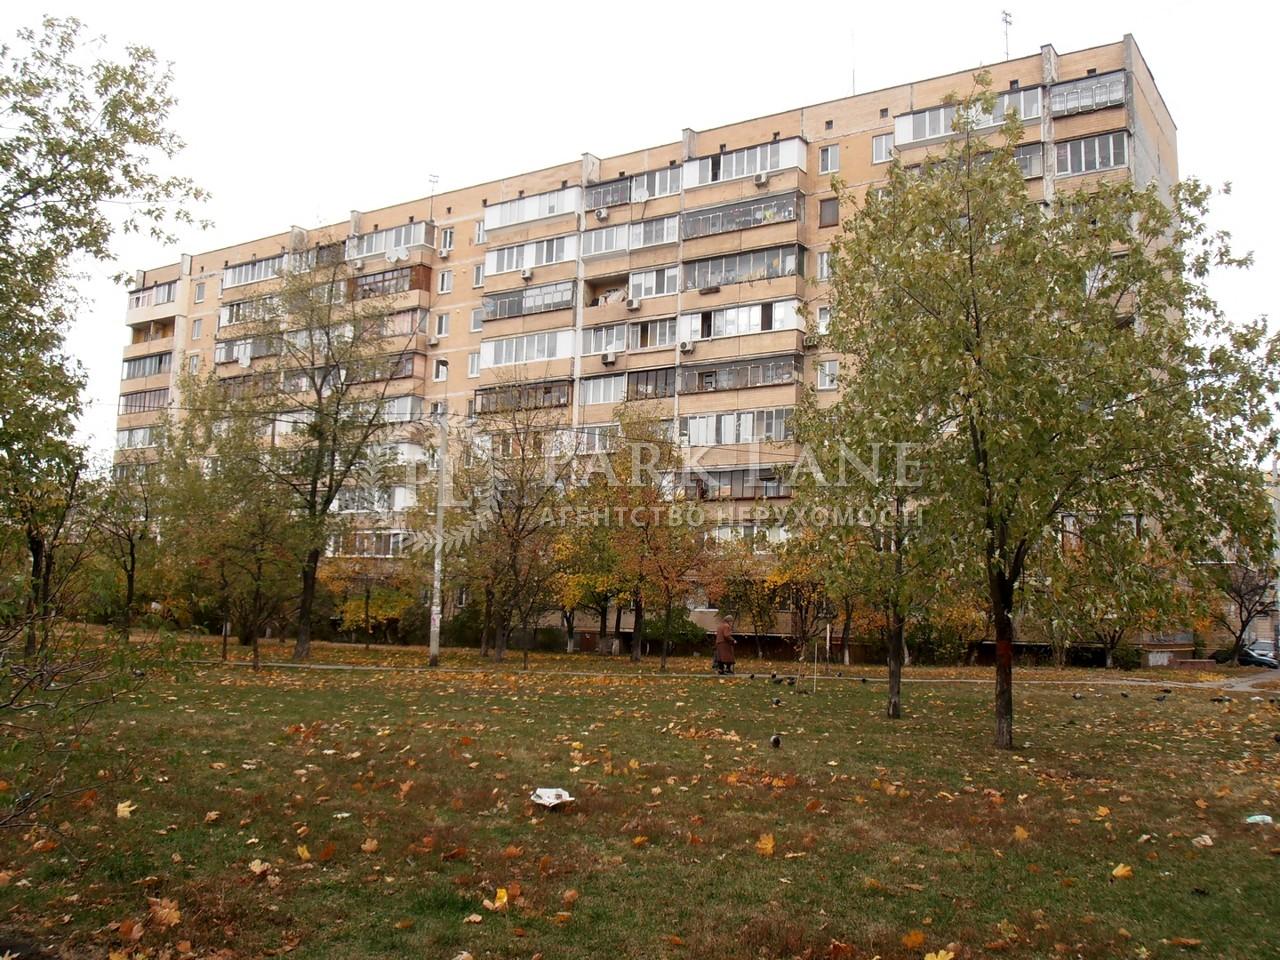 Квартира ул. Драйзера Теодора, 32, Киев, F-22194 - Фото 1